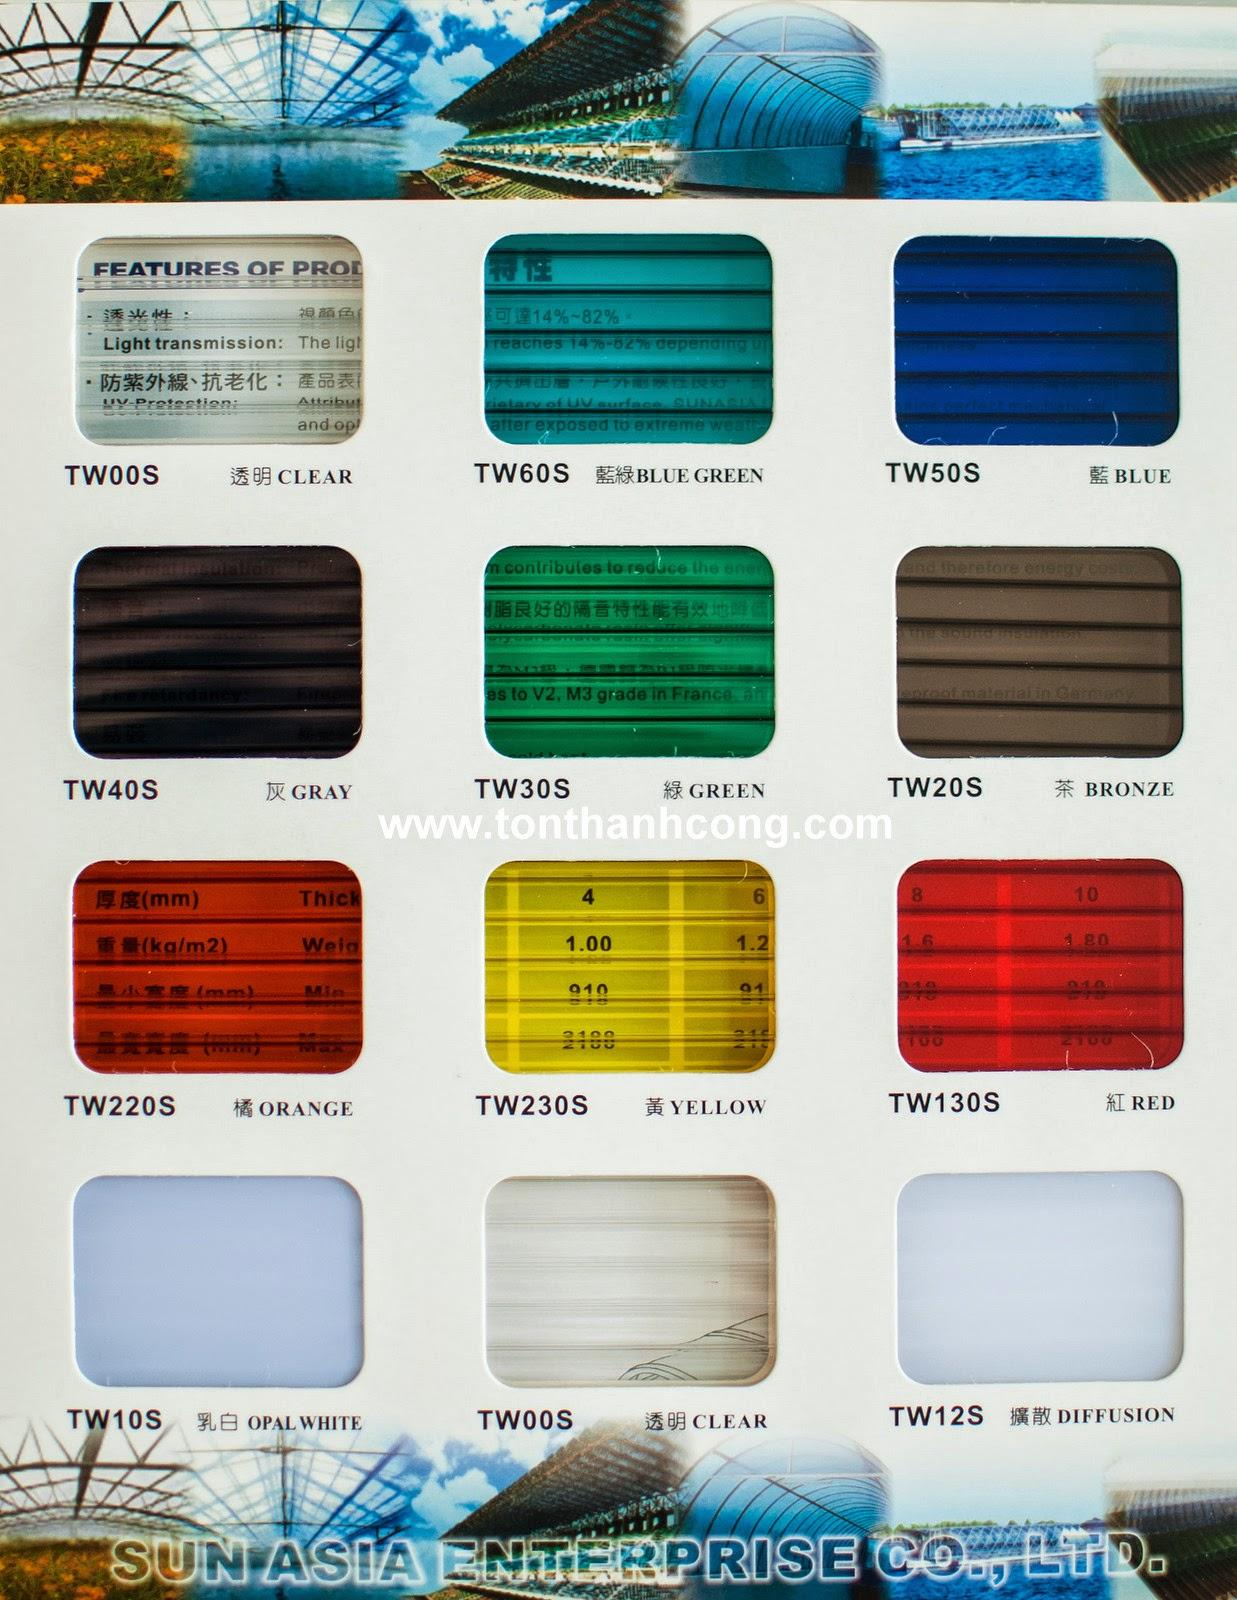 Tấm Lợp Lấy Sáng Polycarbonate Rỗng Ruột QueenLite - Trang 2